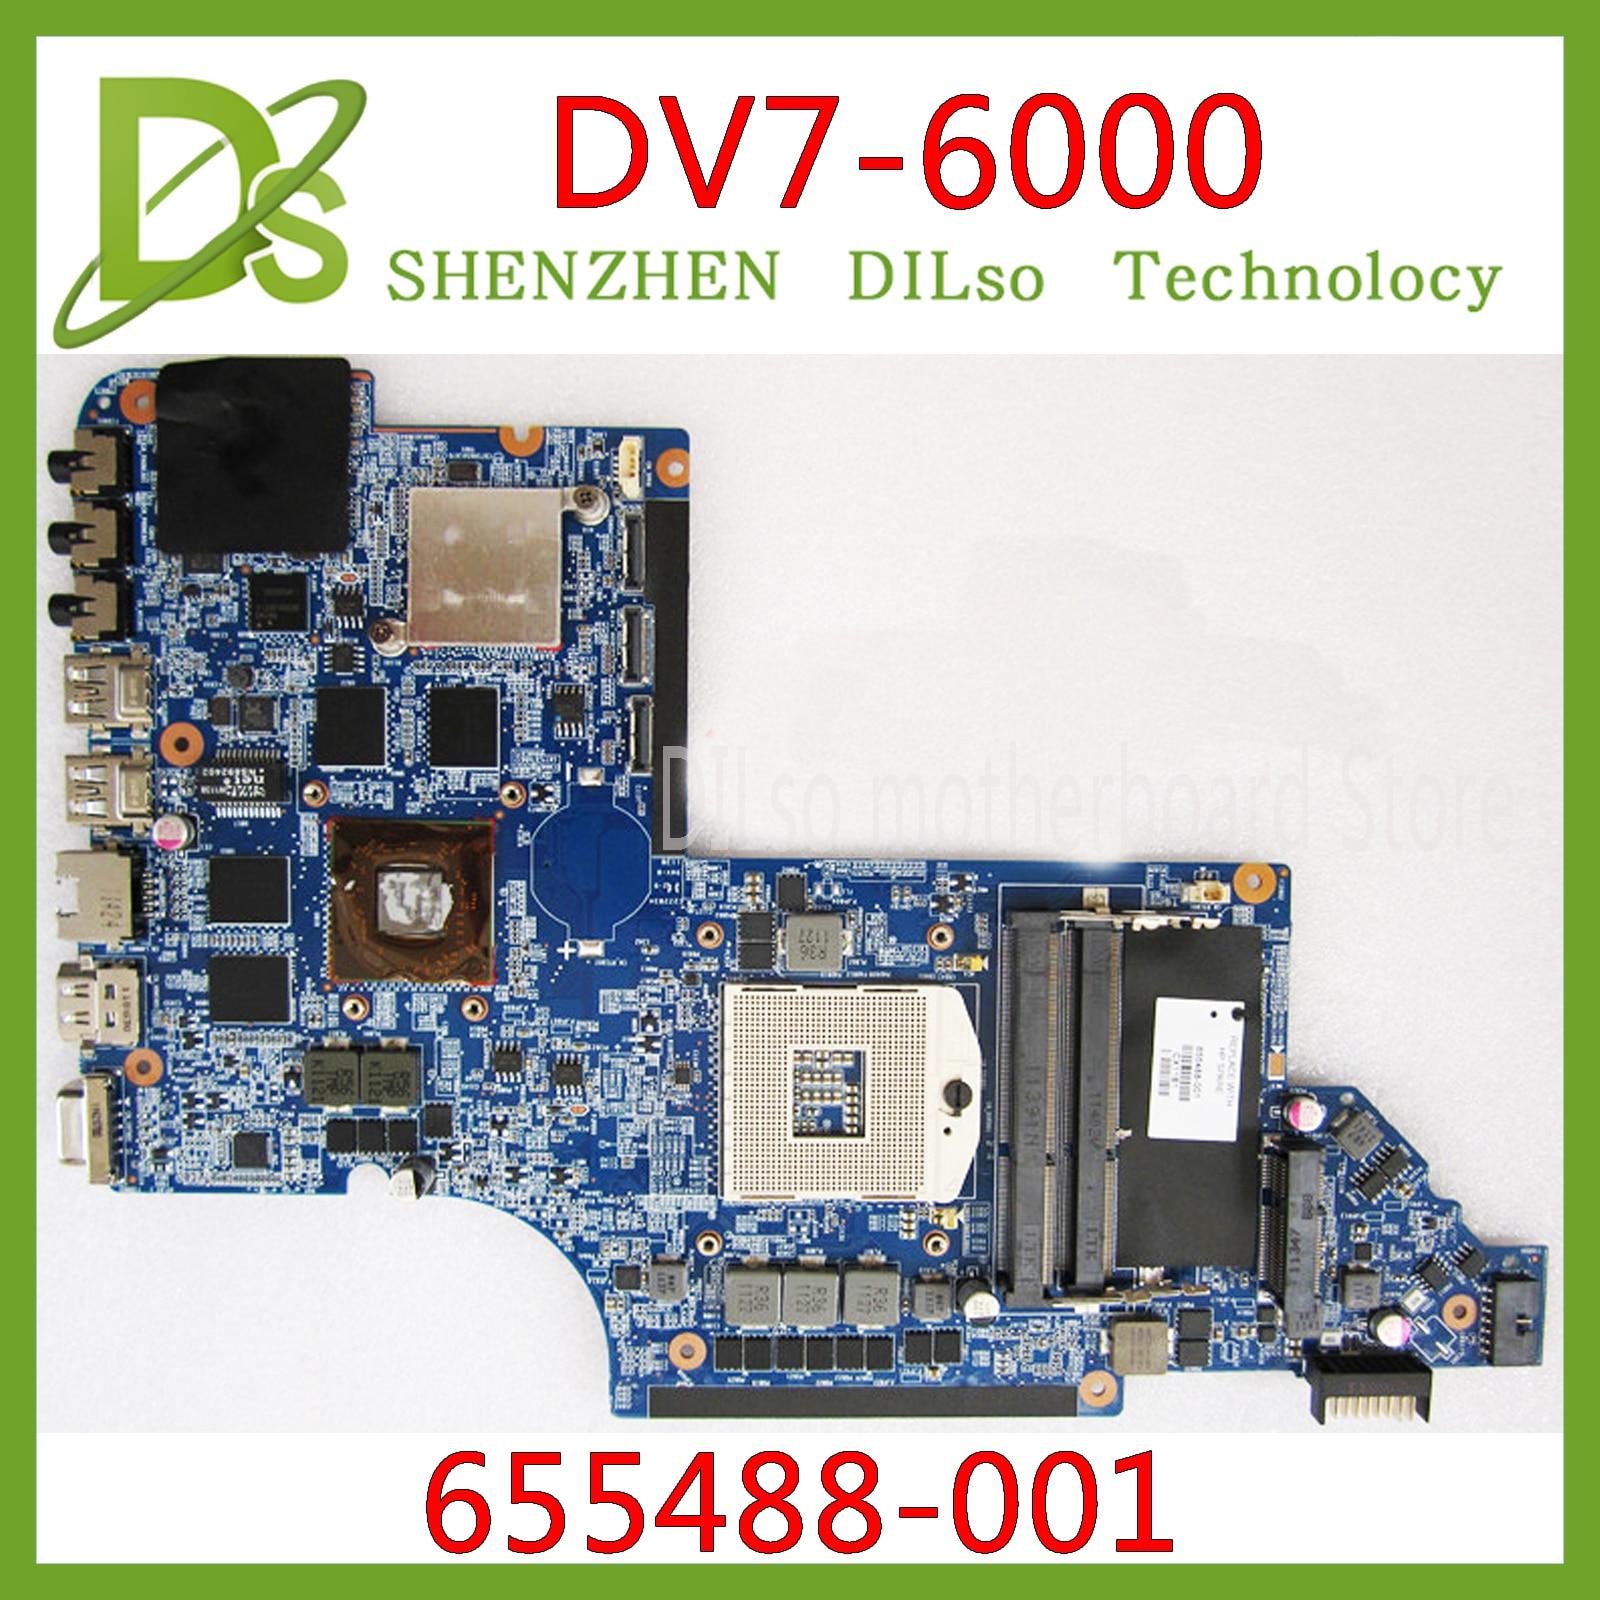 KEFU DV7-6000 Motherboar 655488-001 For HP Pavilion DV7 DV7-6000 655488-001 Original TEST MOTHERBOARD